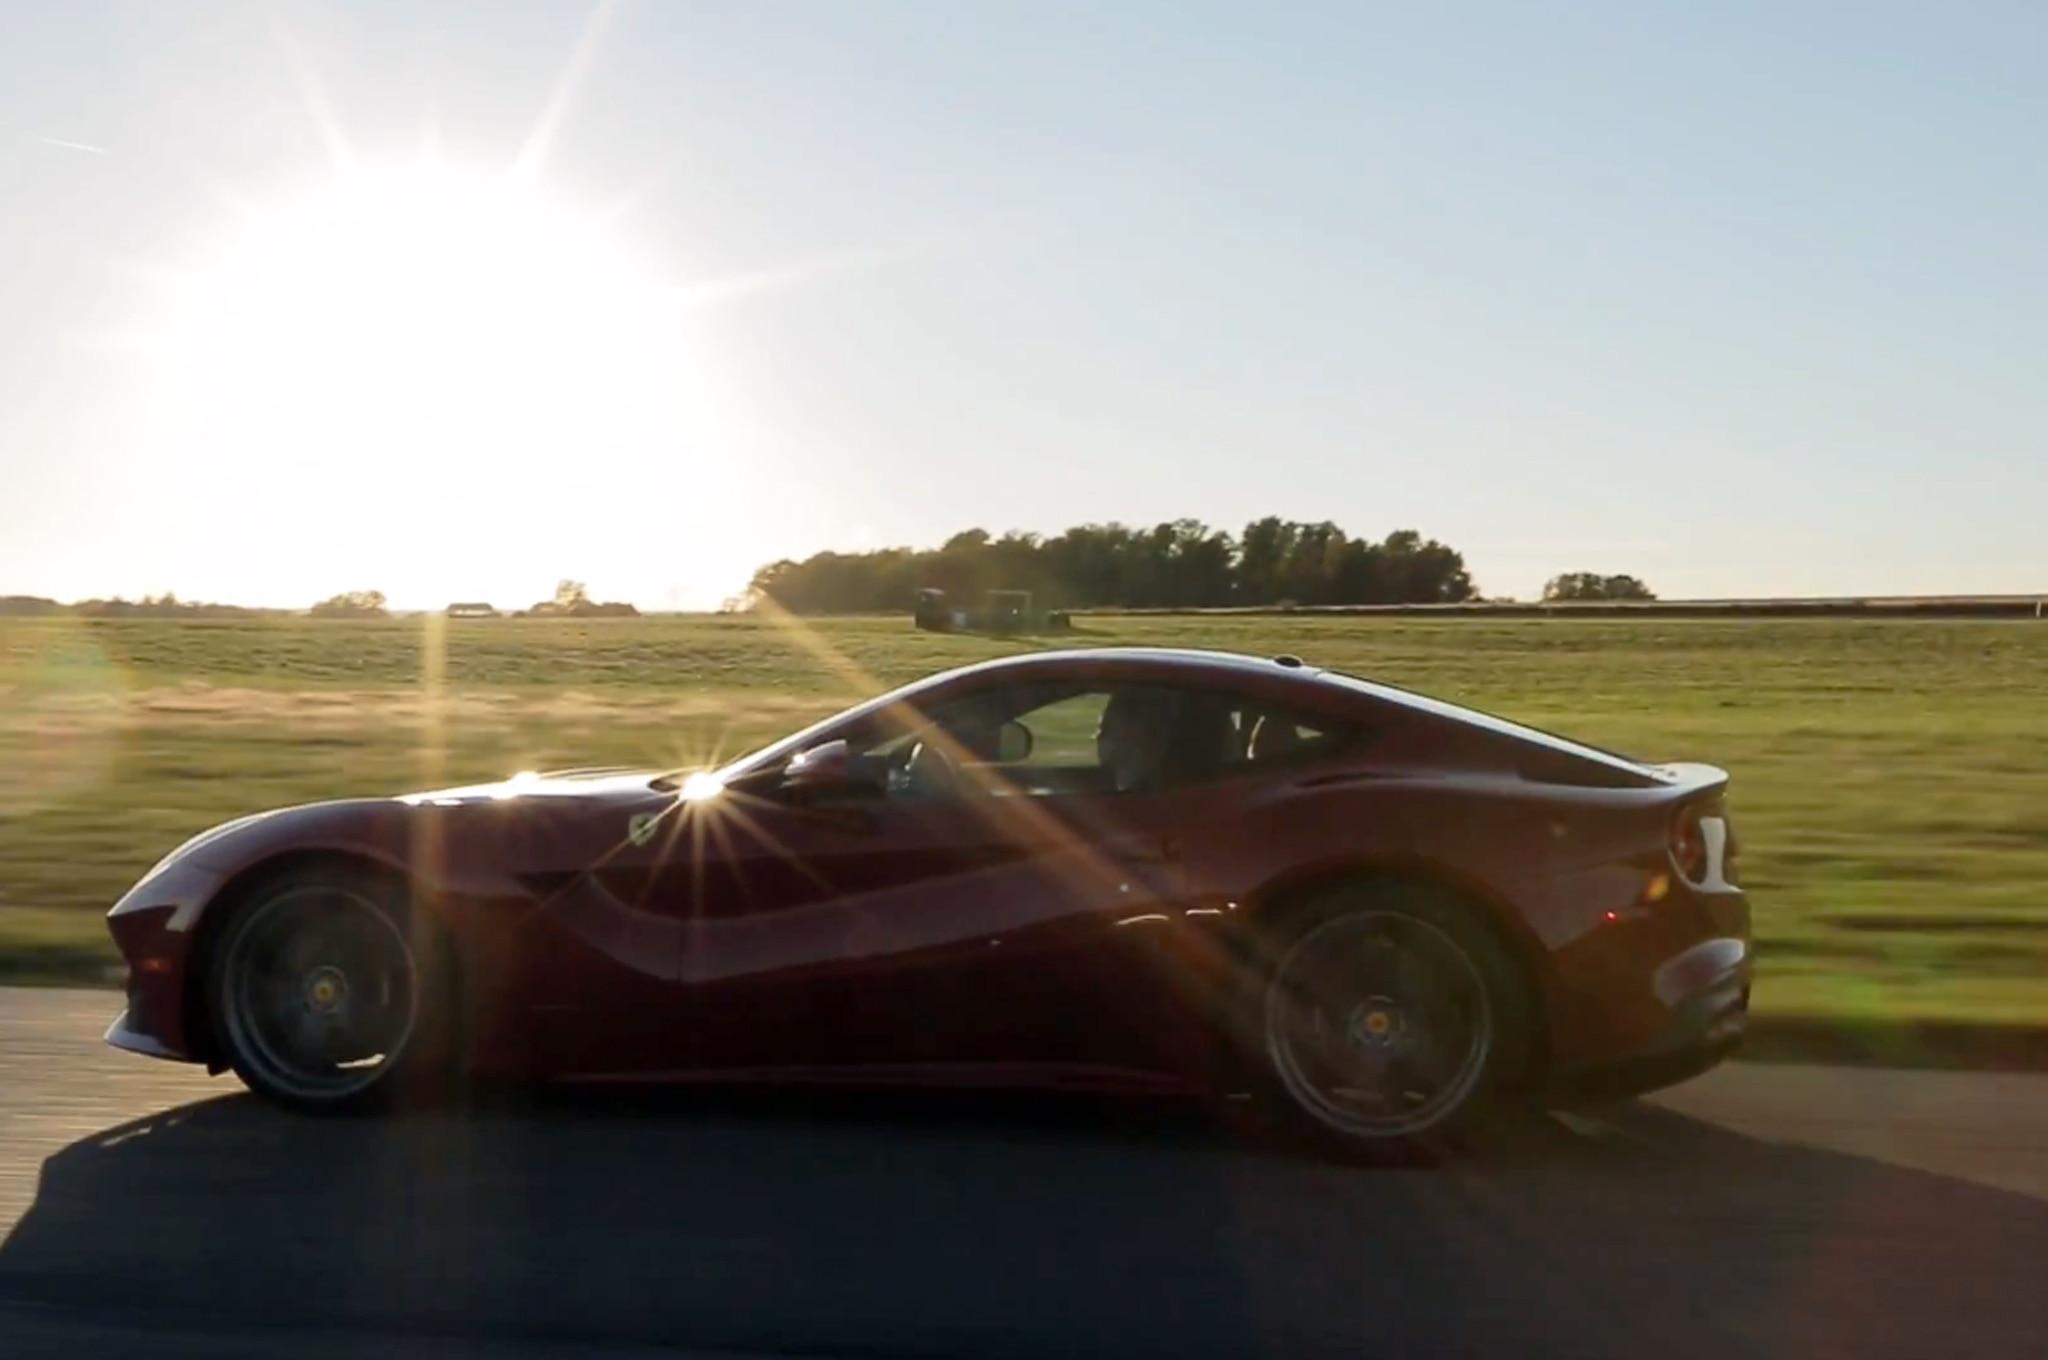 Ferrari F12 Berlinetta At Gingerman Side View